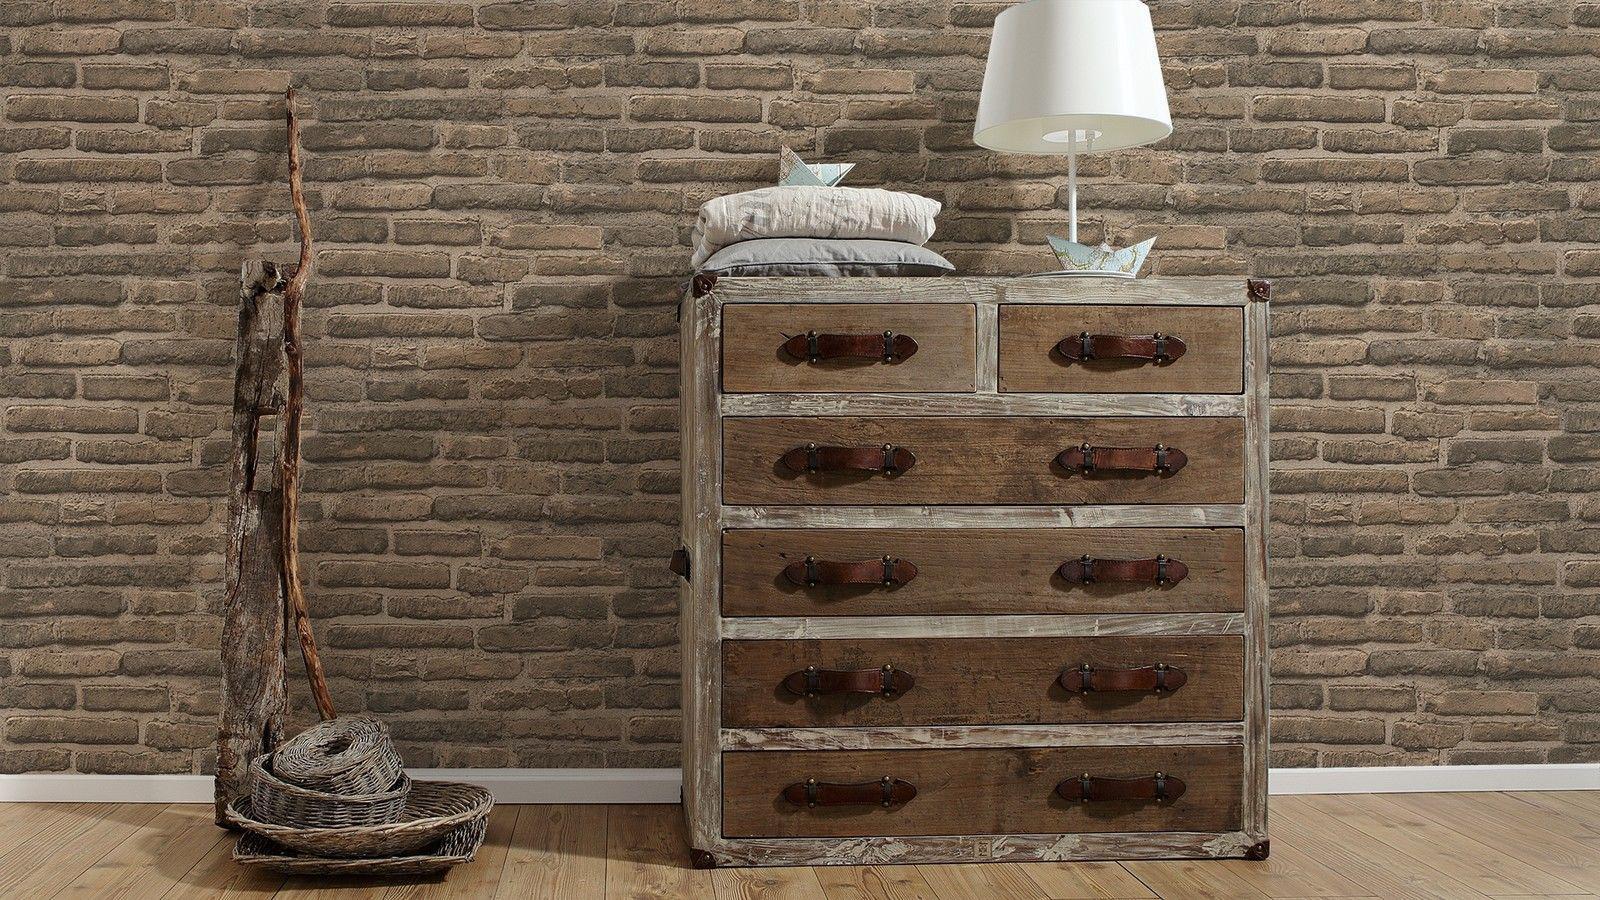 vlies tapete stein wand ziegelstein backstein klinker optik braun grau 30747 2 kaufen bei. Black Bedroom Furniture Sets. Home Design Ideas